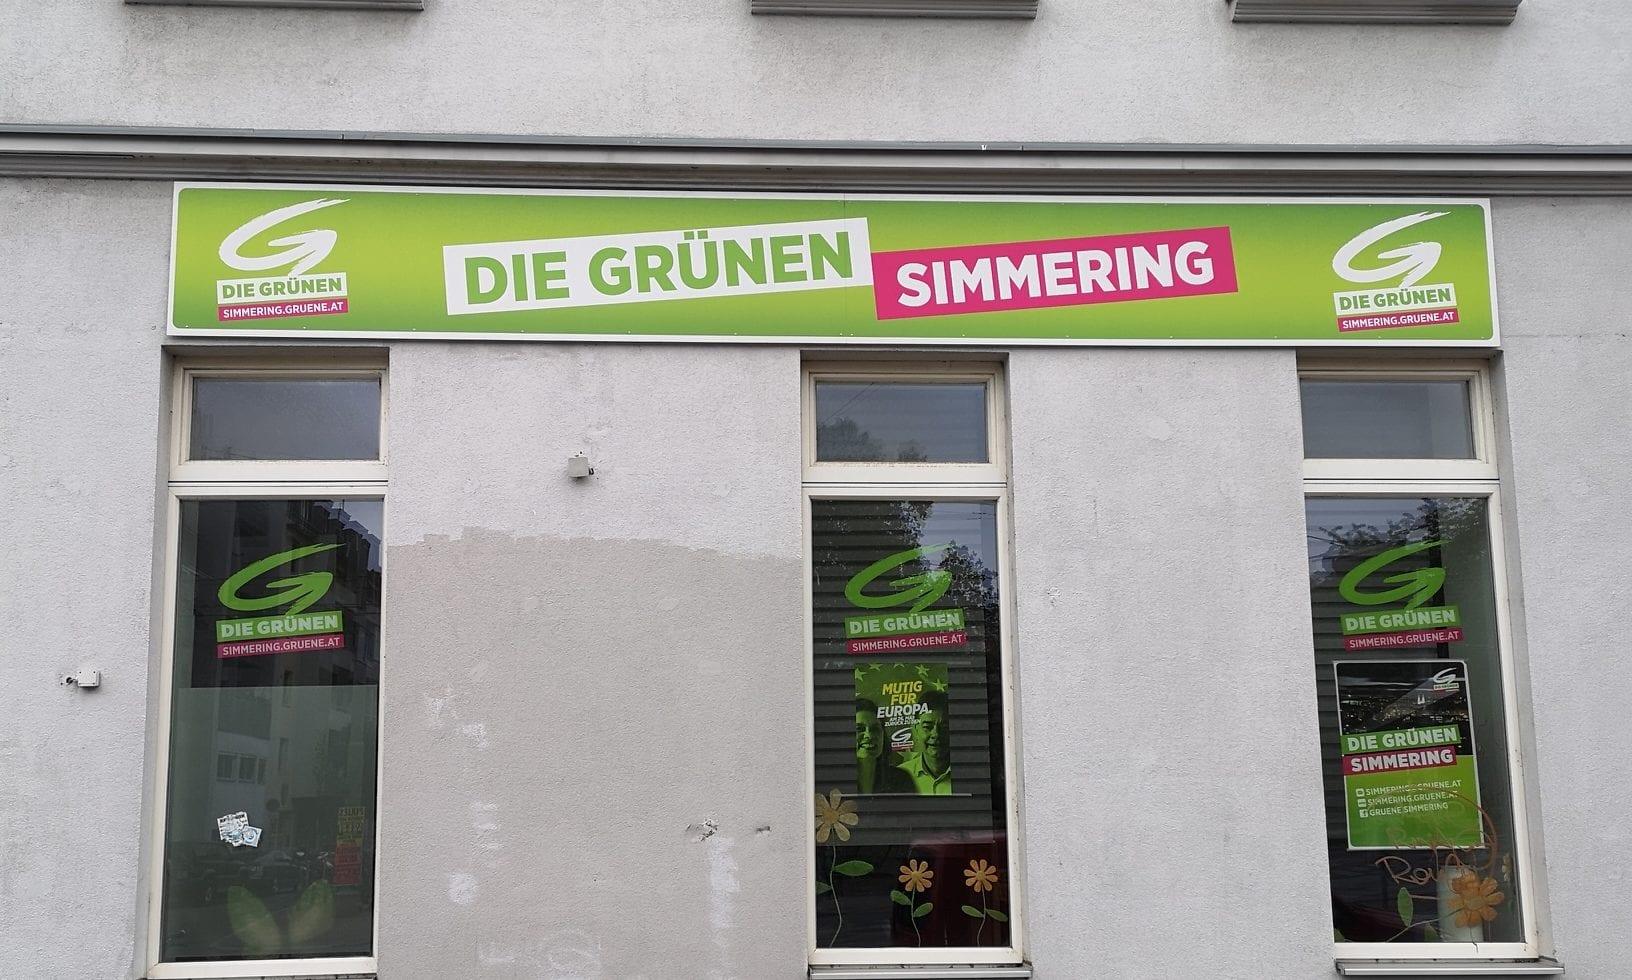 Lokal der Simmeringer Grünen